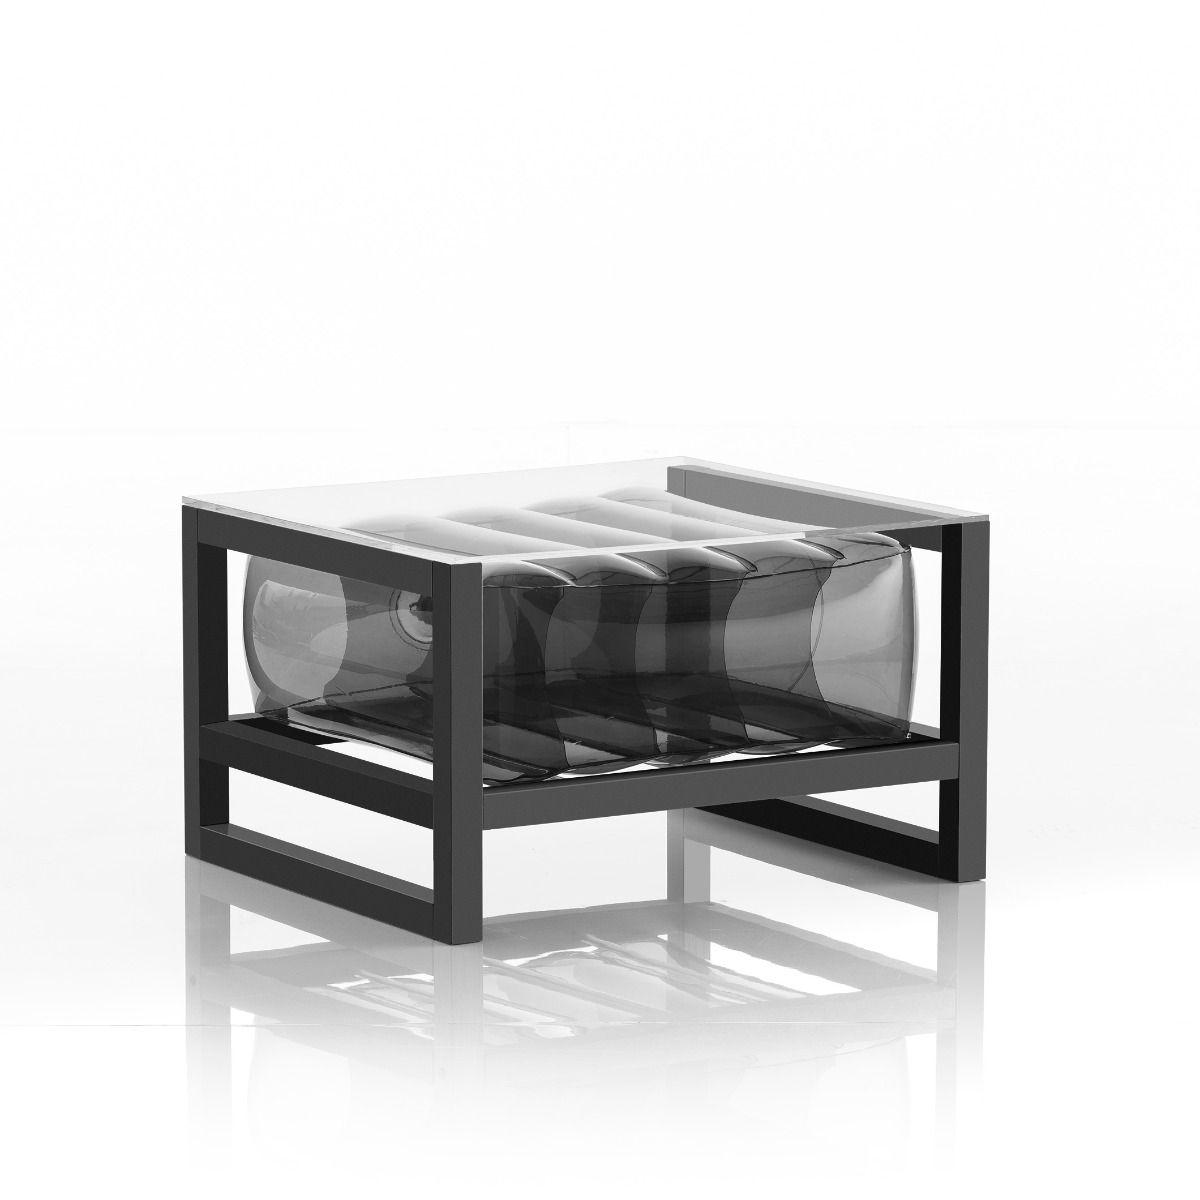 Table basse pvc noire fumée cadre en aluminium